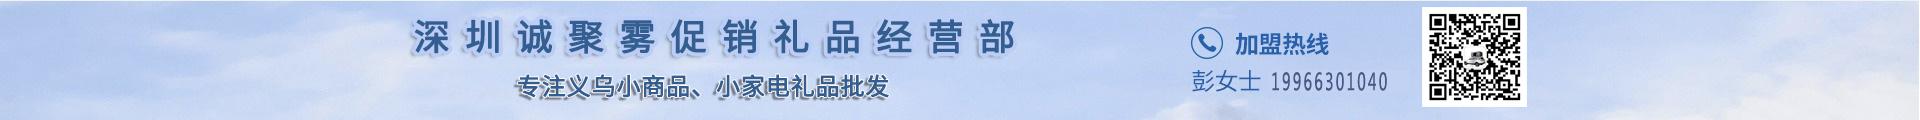 深圳市龙岗区诚聚雾电子经营部